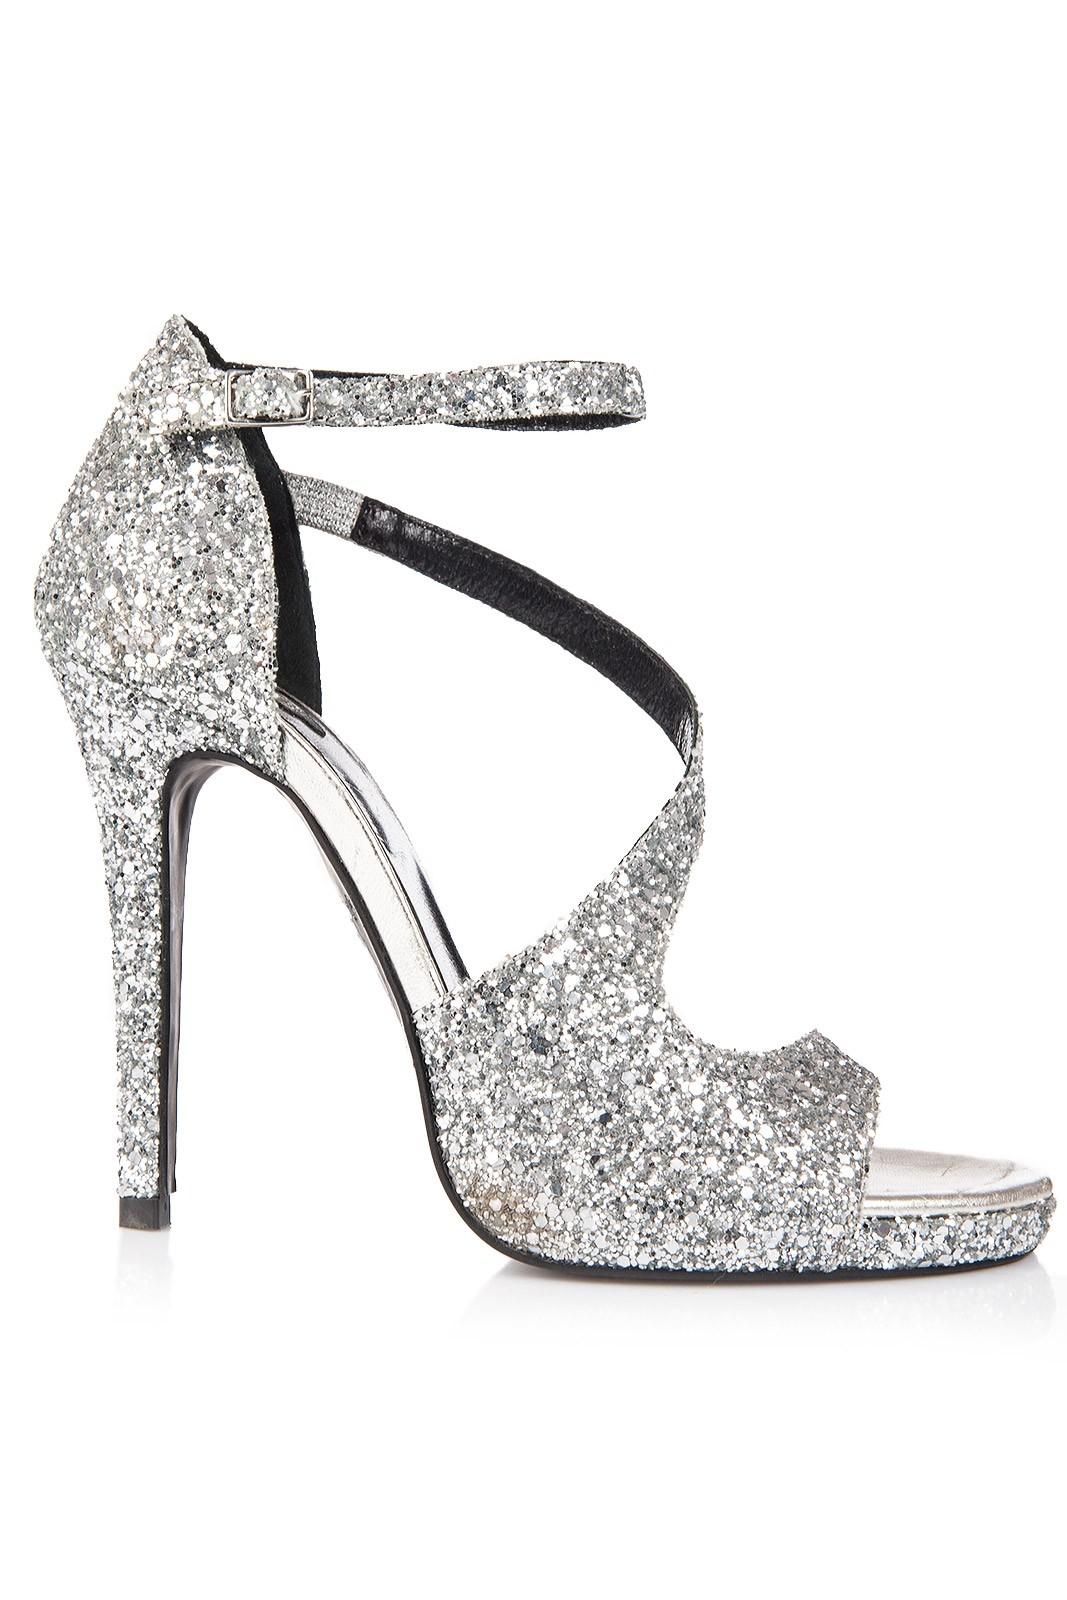 prima rata oficial cel mai bun site web Atelier Faiblesse   Sandale elegante cu platforma glitter argintiu ...